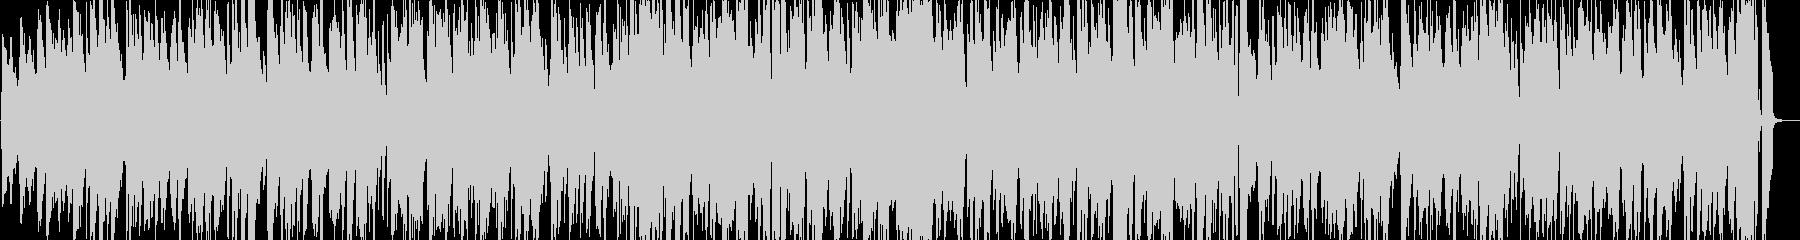 ピアノ・トリオNo.2の未再生の波形